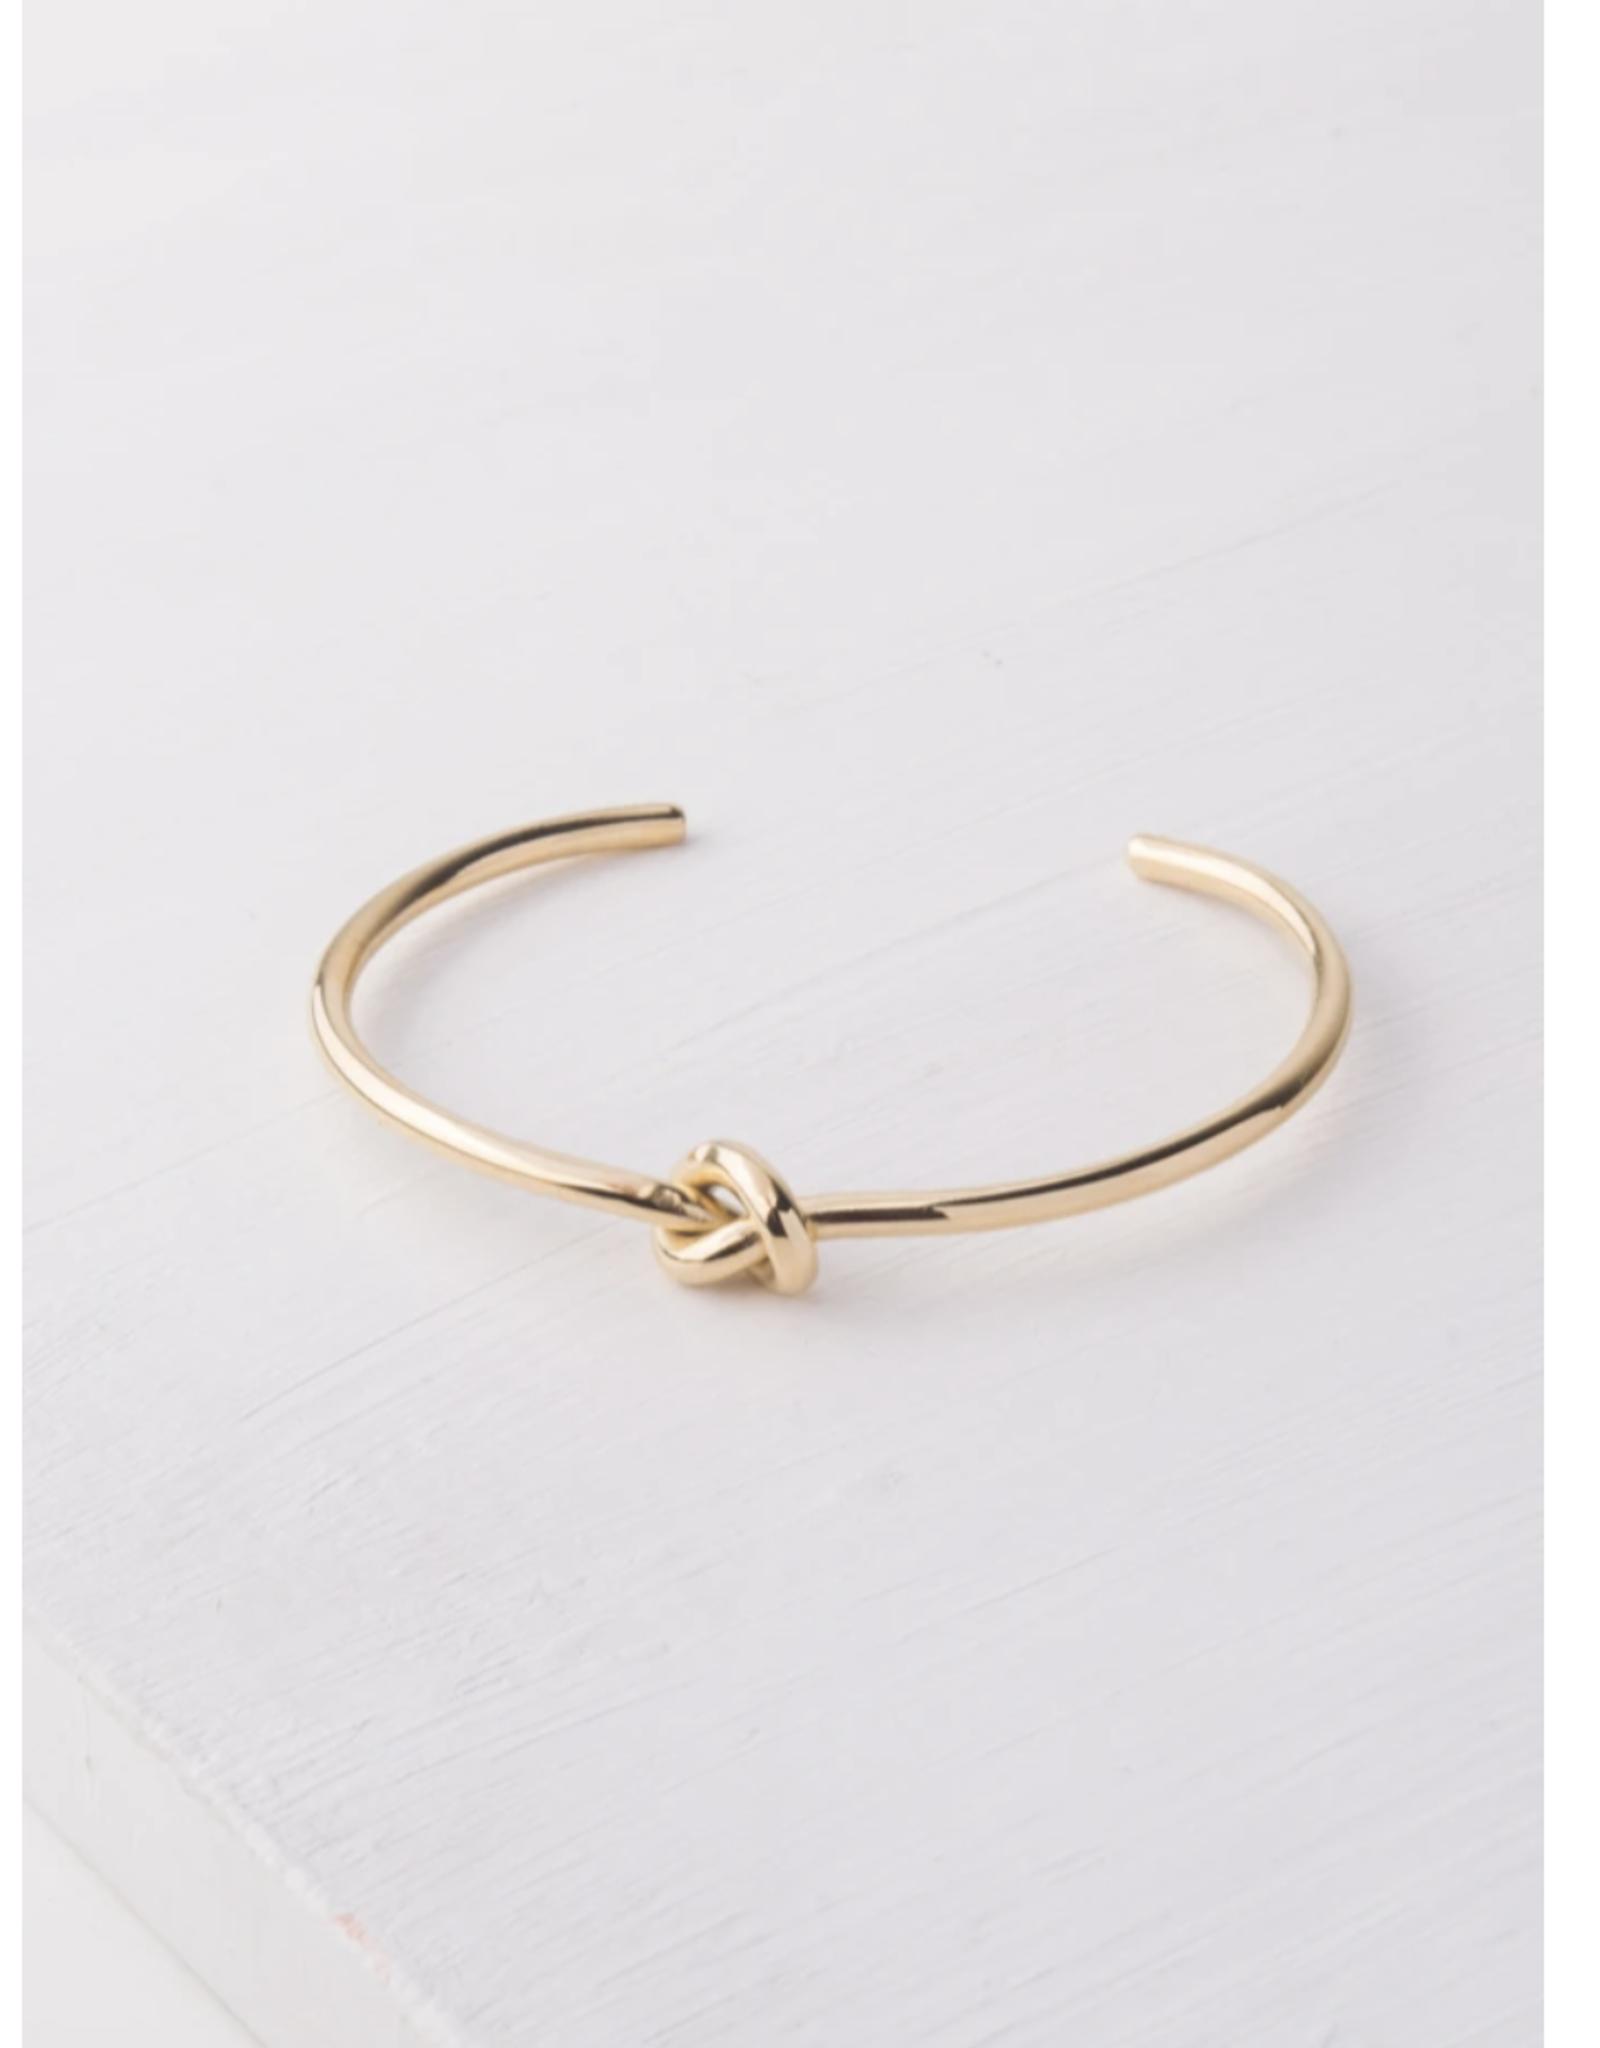 Starfish Project Kathy Knot Gold Bracelet